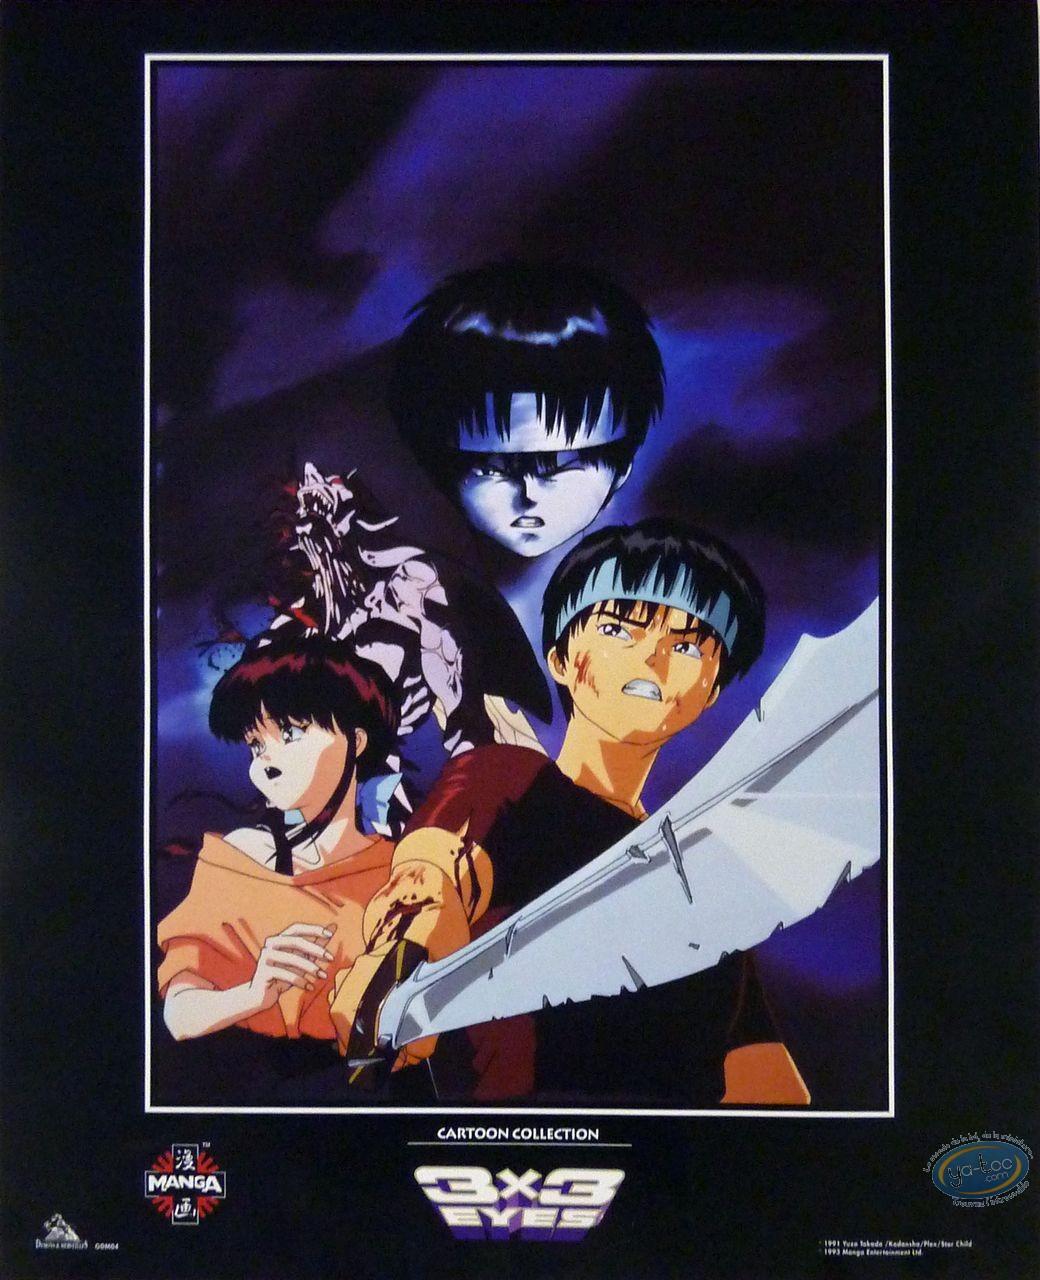 Affiche Offset, 3X3 Eyes : Takada, 3x3 Eyes